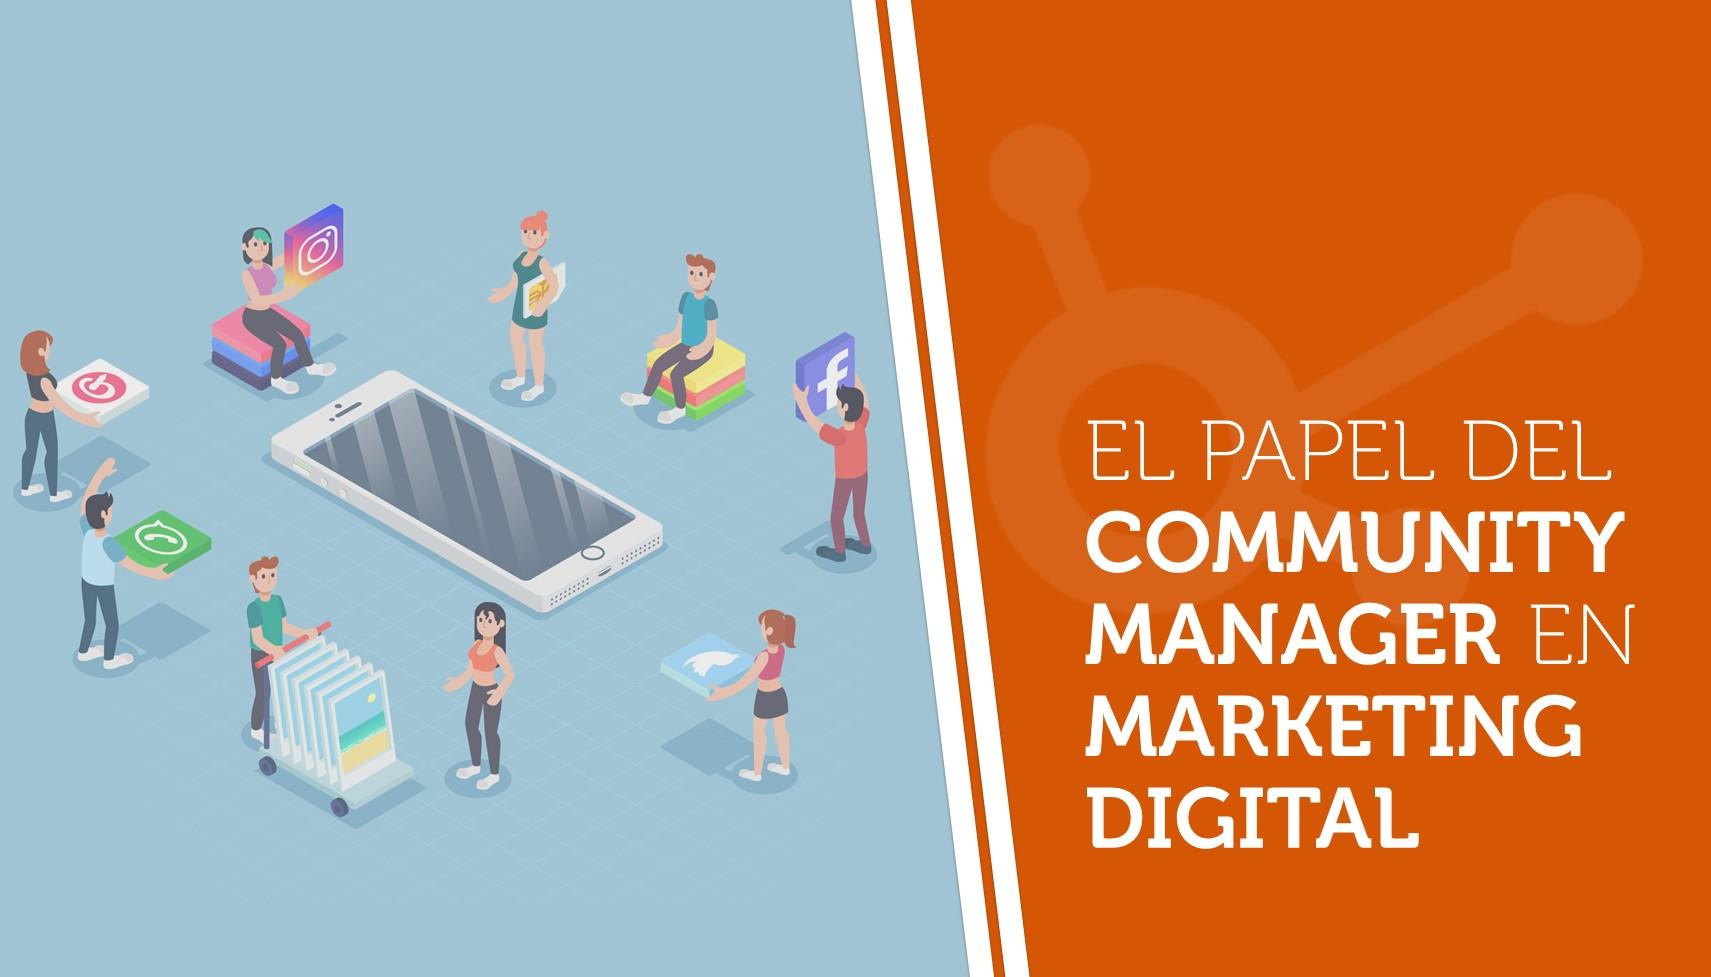 El papel del community manager en marketing digital